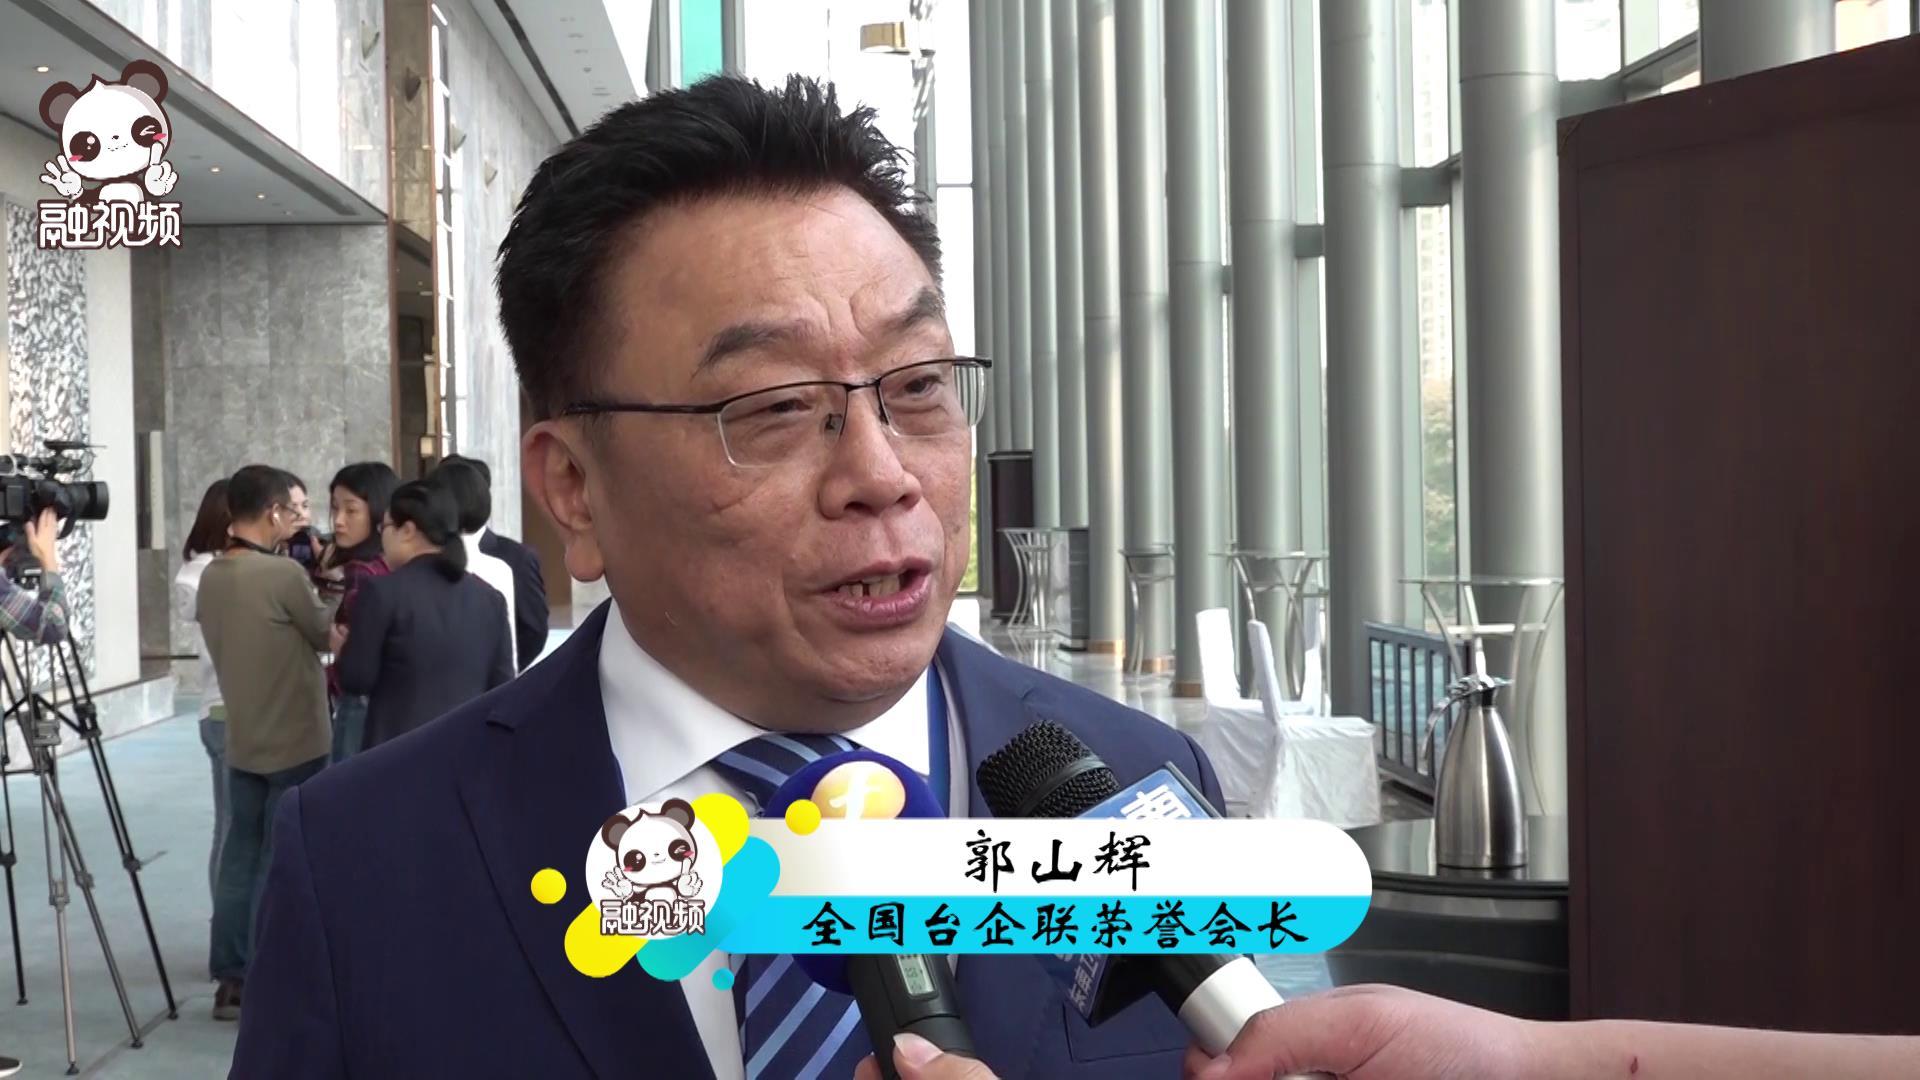 全國臺企聯榮譽會長郭山輝:汪洋主席的講話讓大家看到大陸更加美好的未來圖片